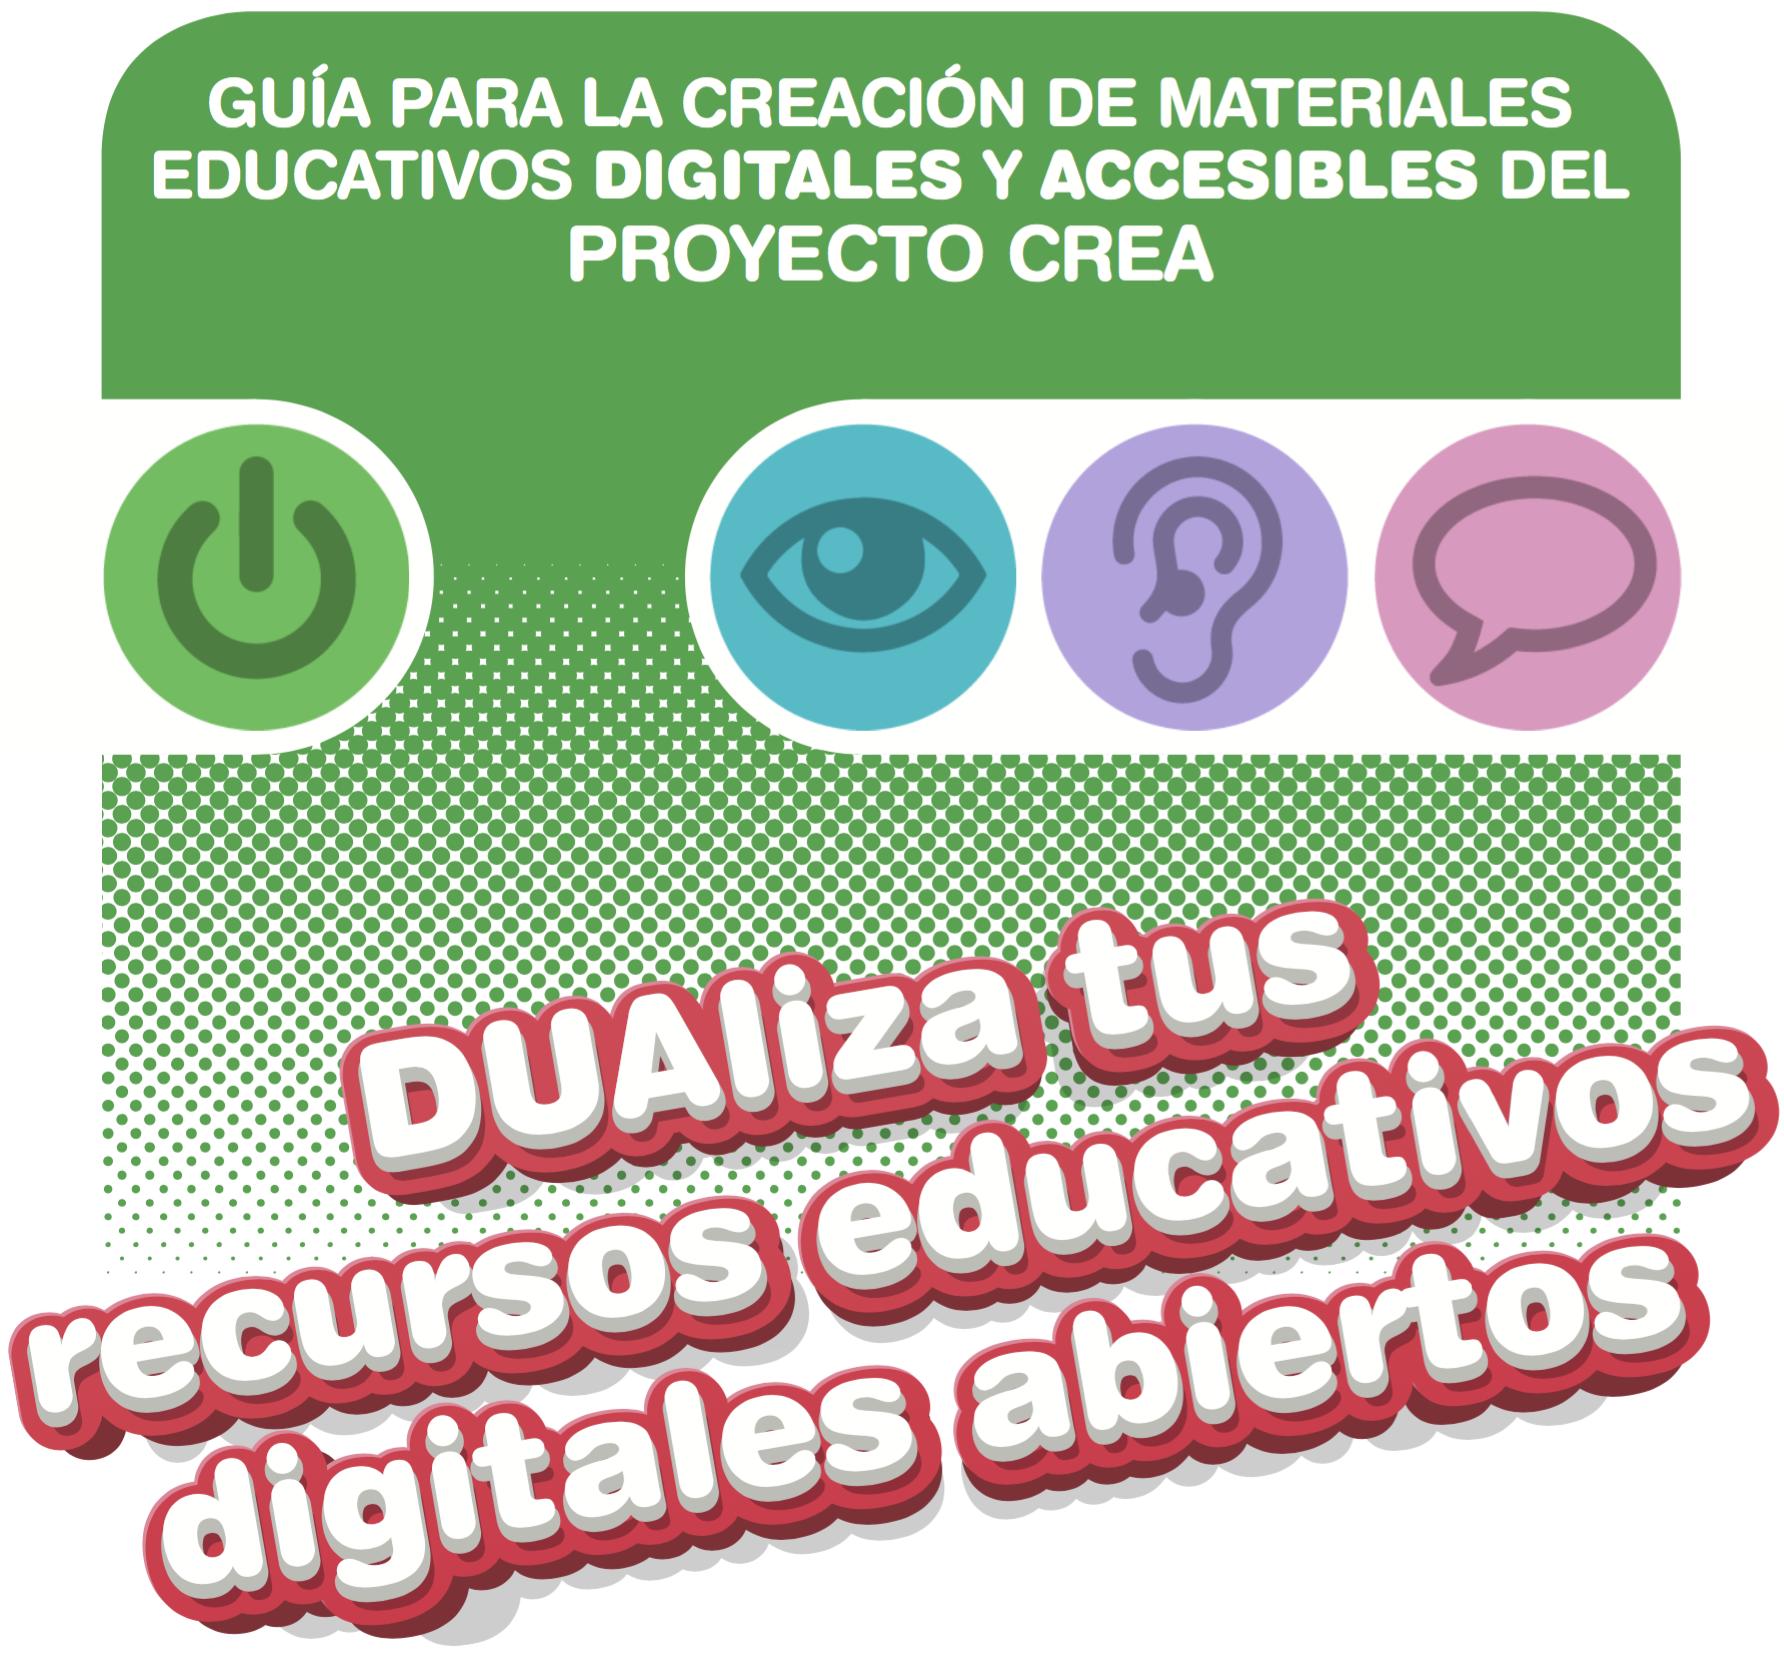 Guía Para La Creación De Materiales Educativos Digitales Y Accesibles Material Educativo Recursos Educativos Digitales Recursos Docentes